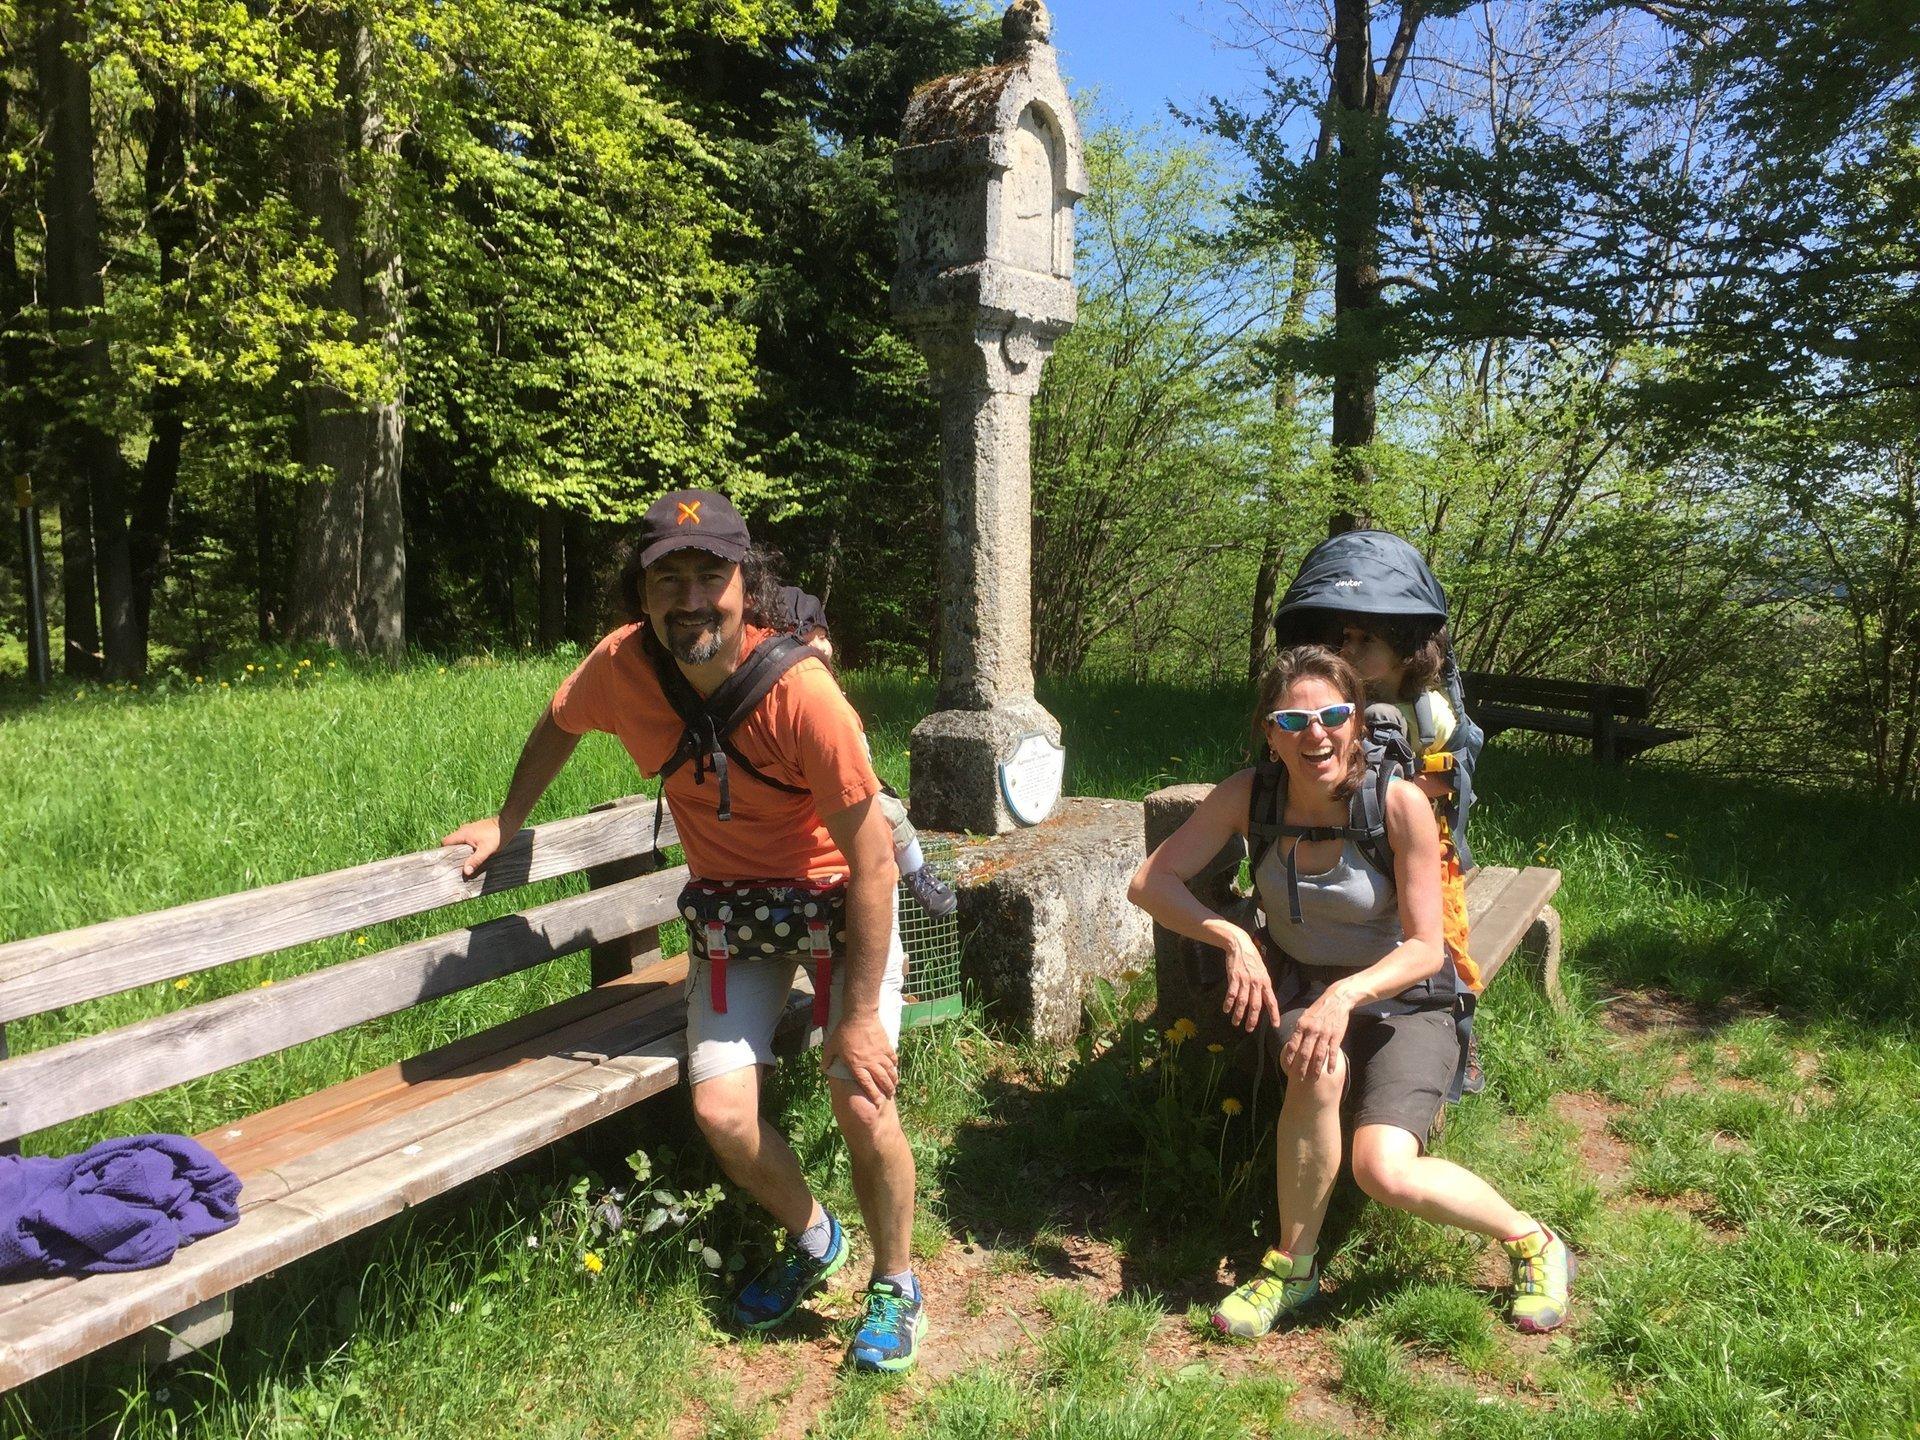 Wandern mit Kraxe & Bauchladen